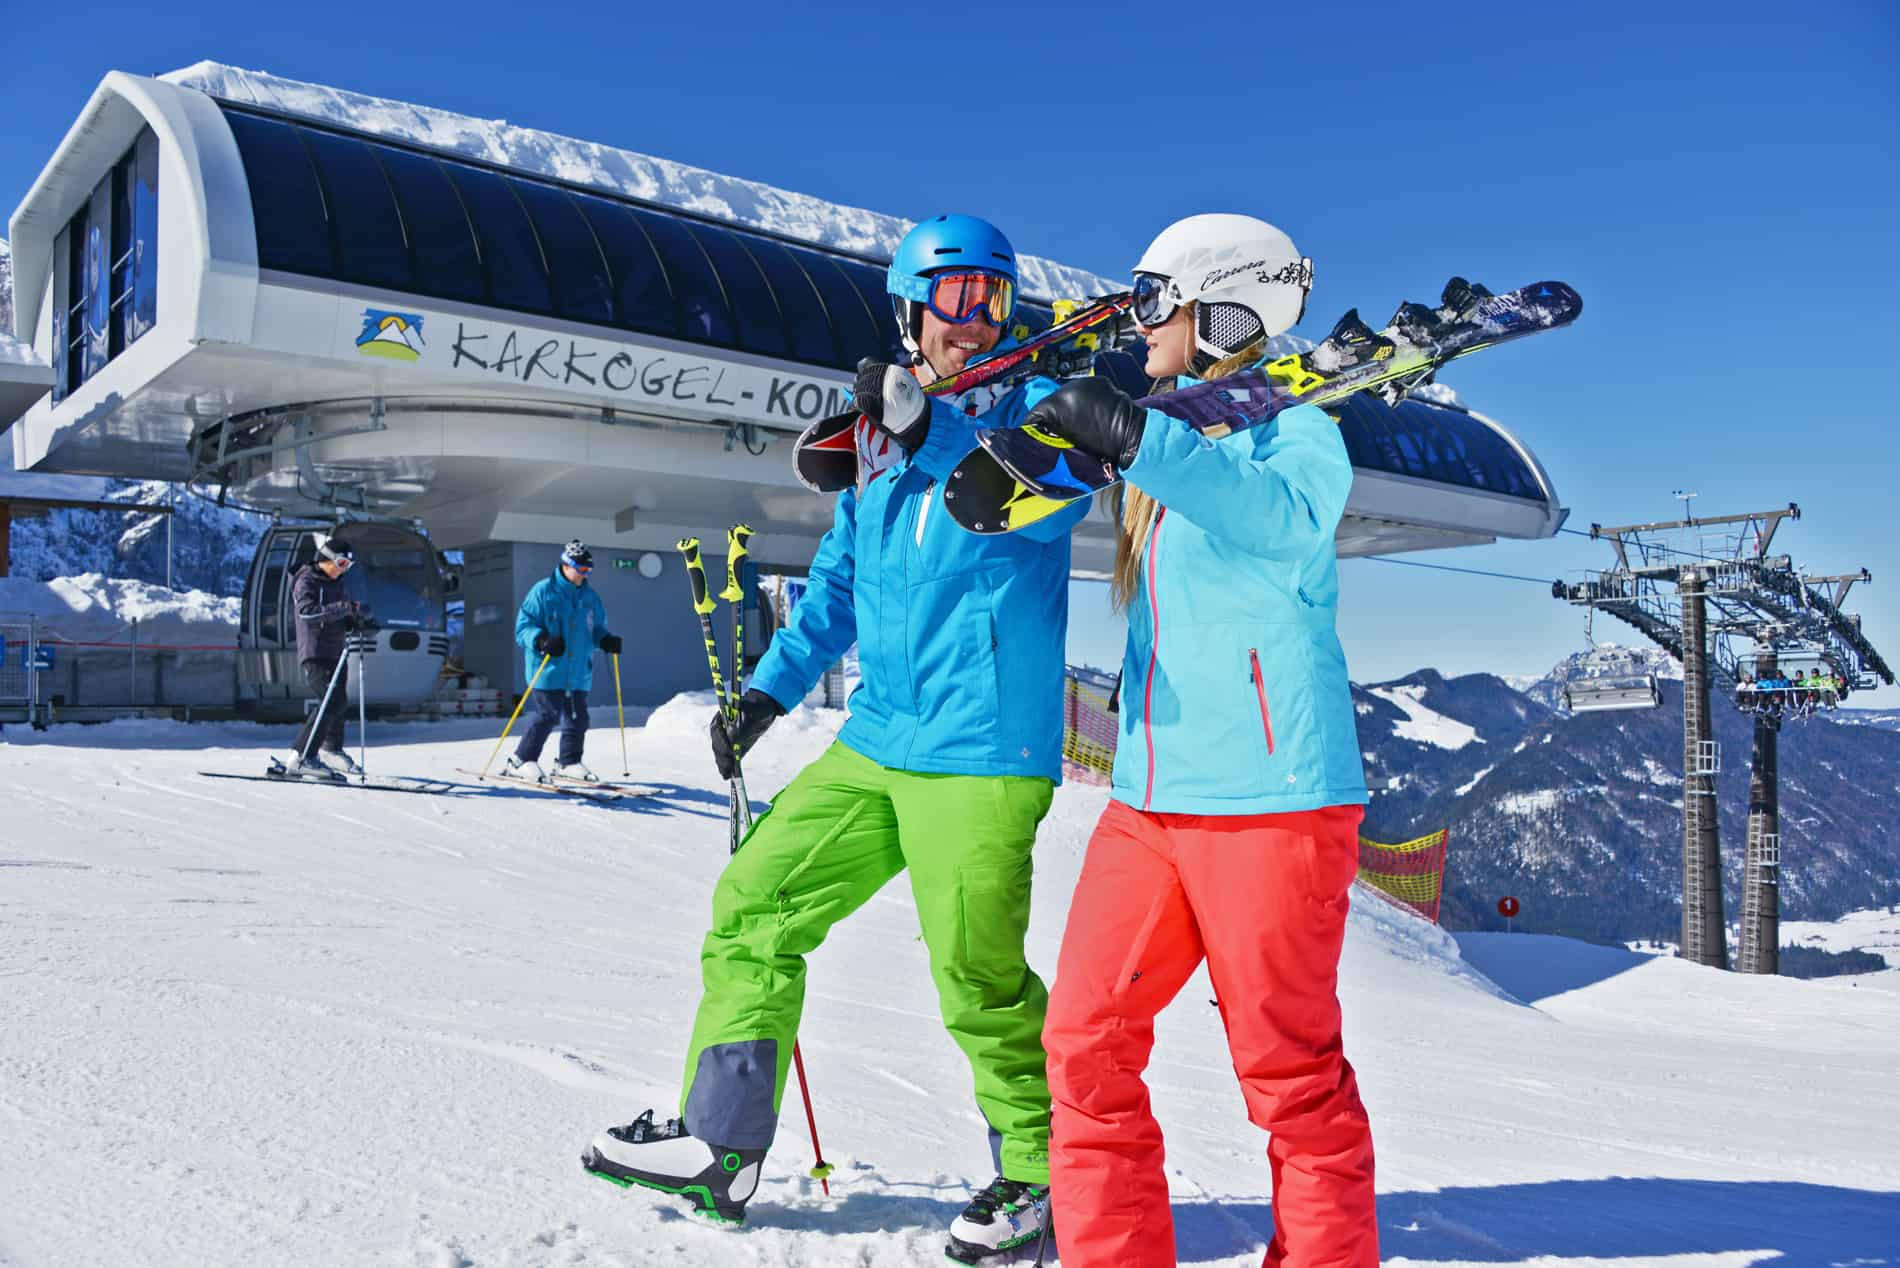 Ski Karkogel (c)TVB Abtenau